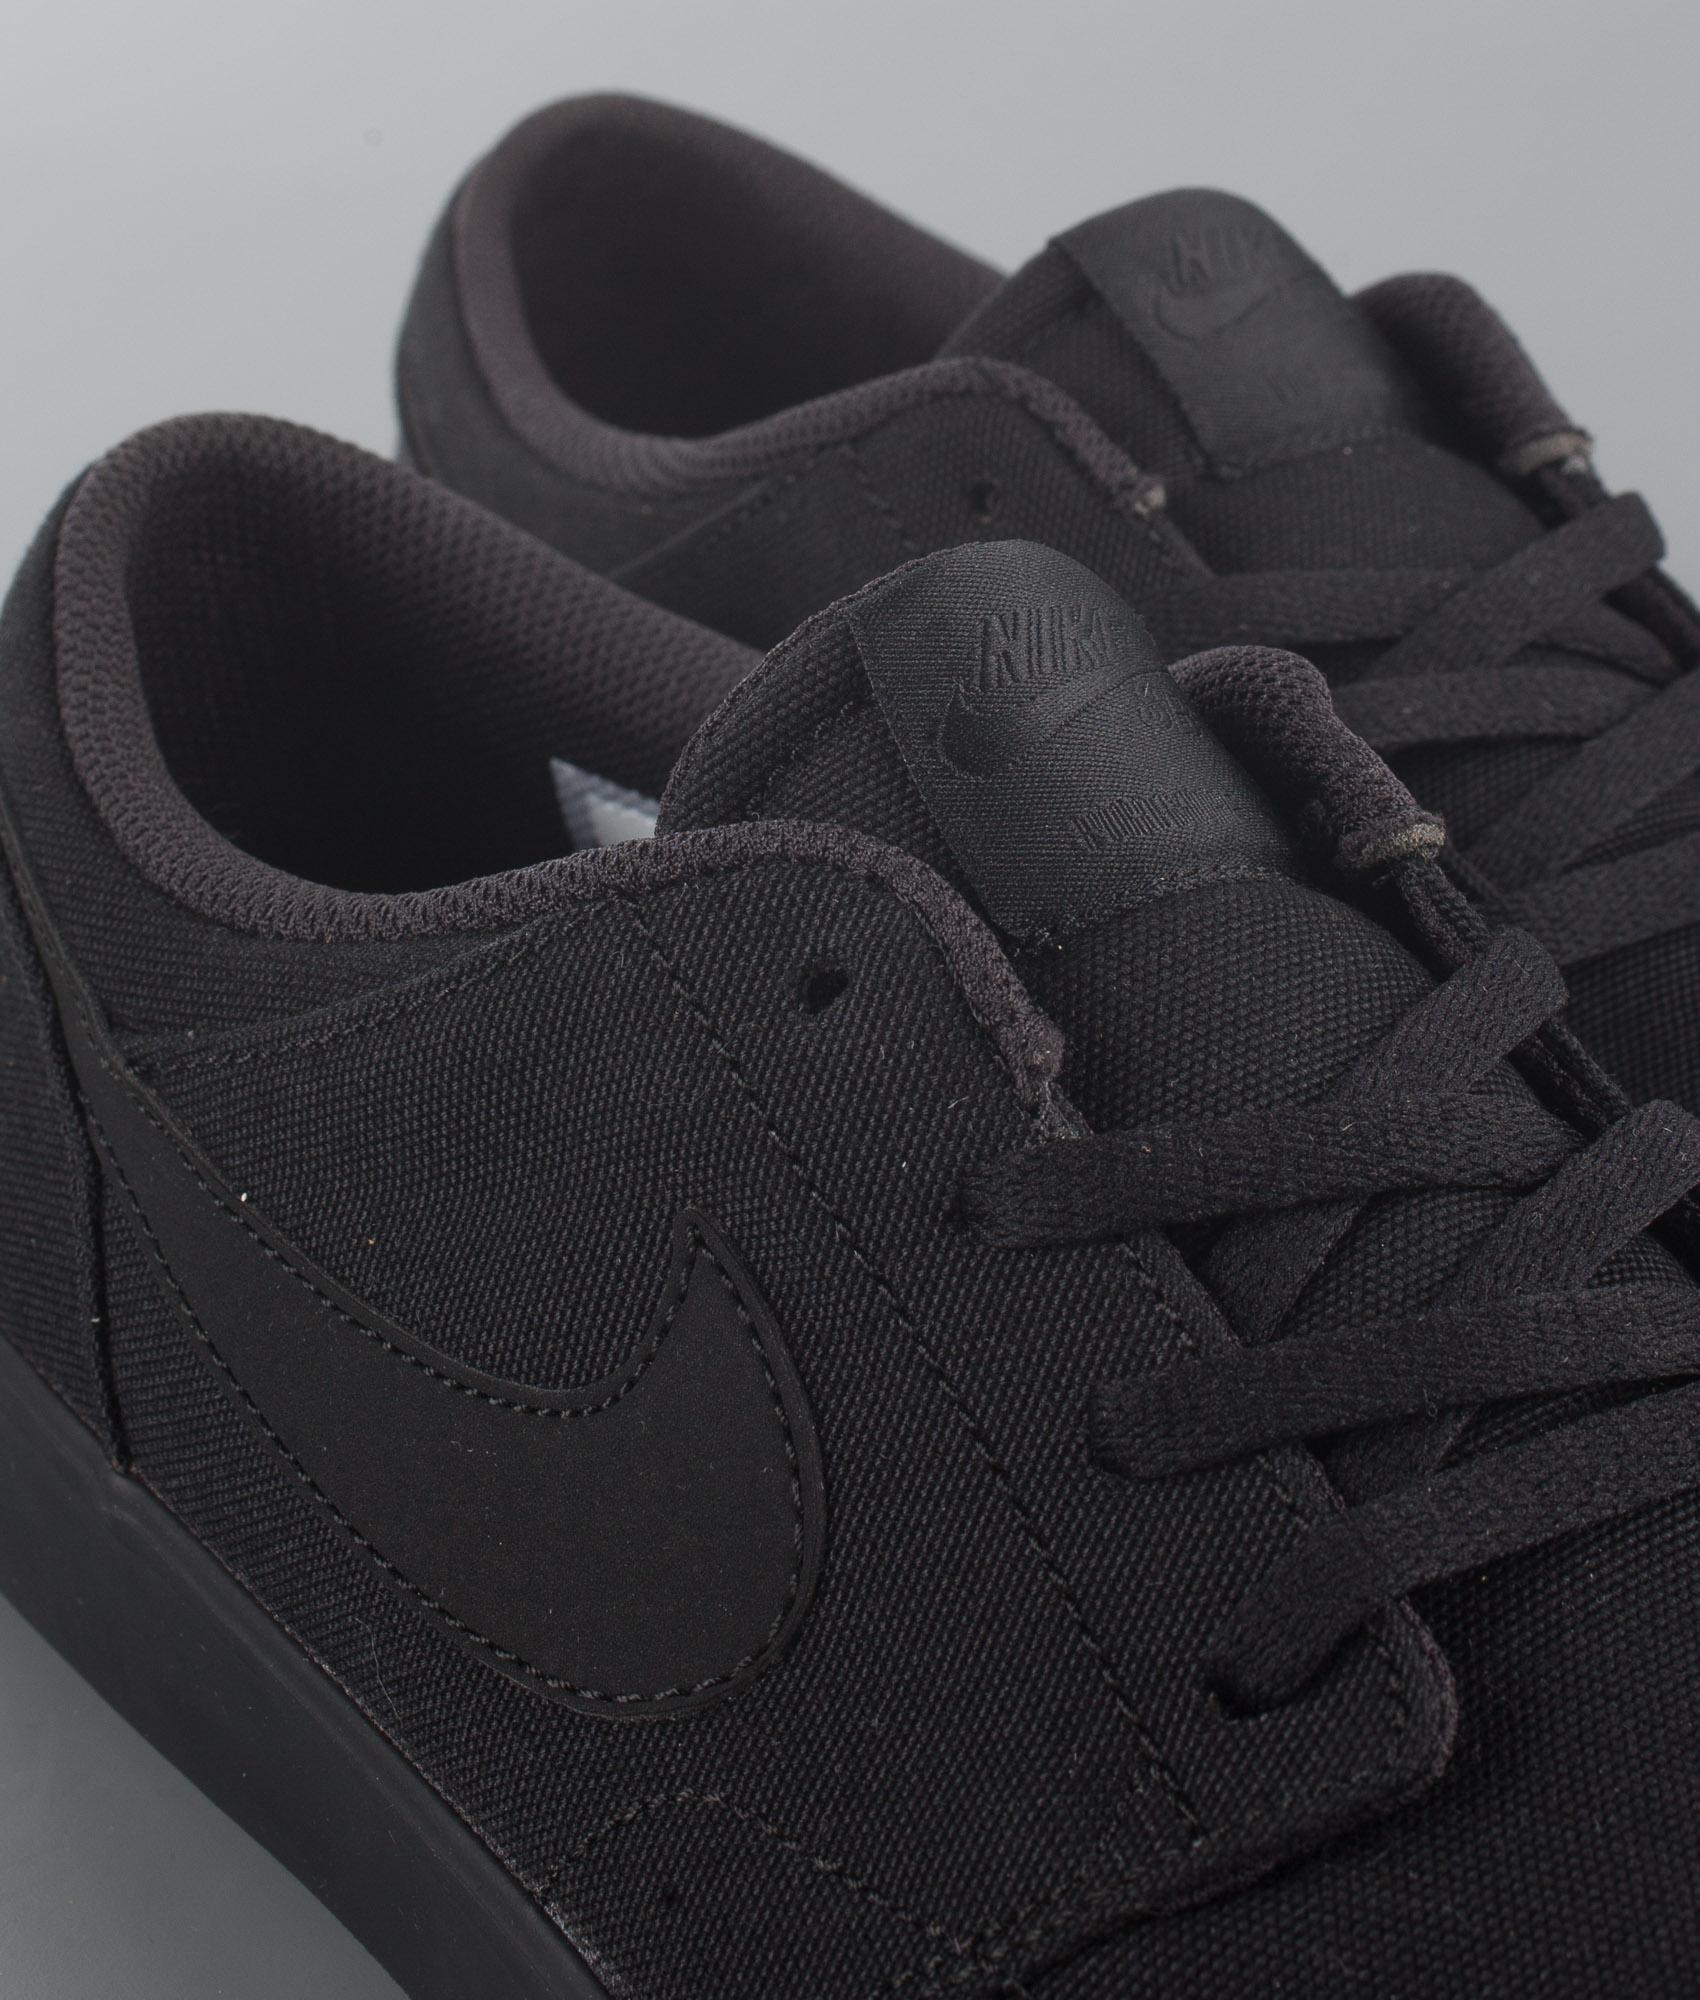 Nike SB Portmore II Solar Cnvs Kengät BlackBlack Ridestore.fi